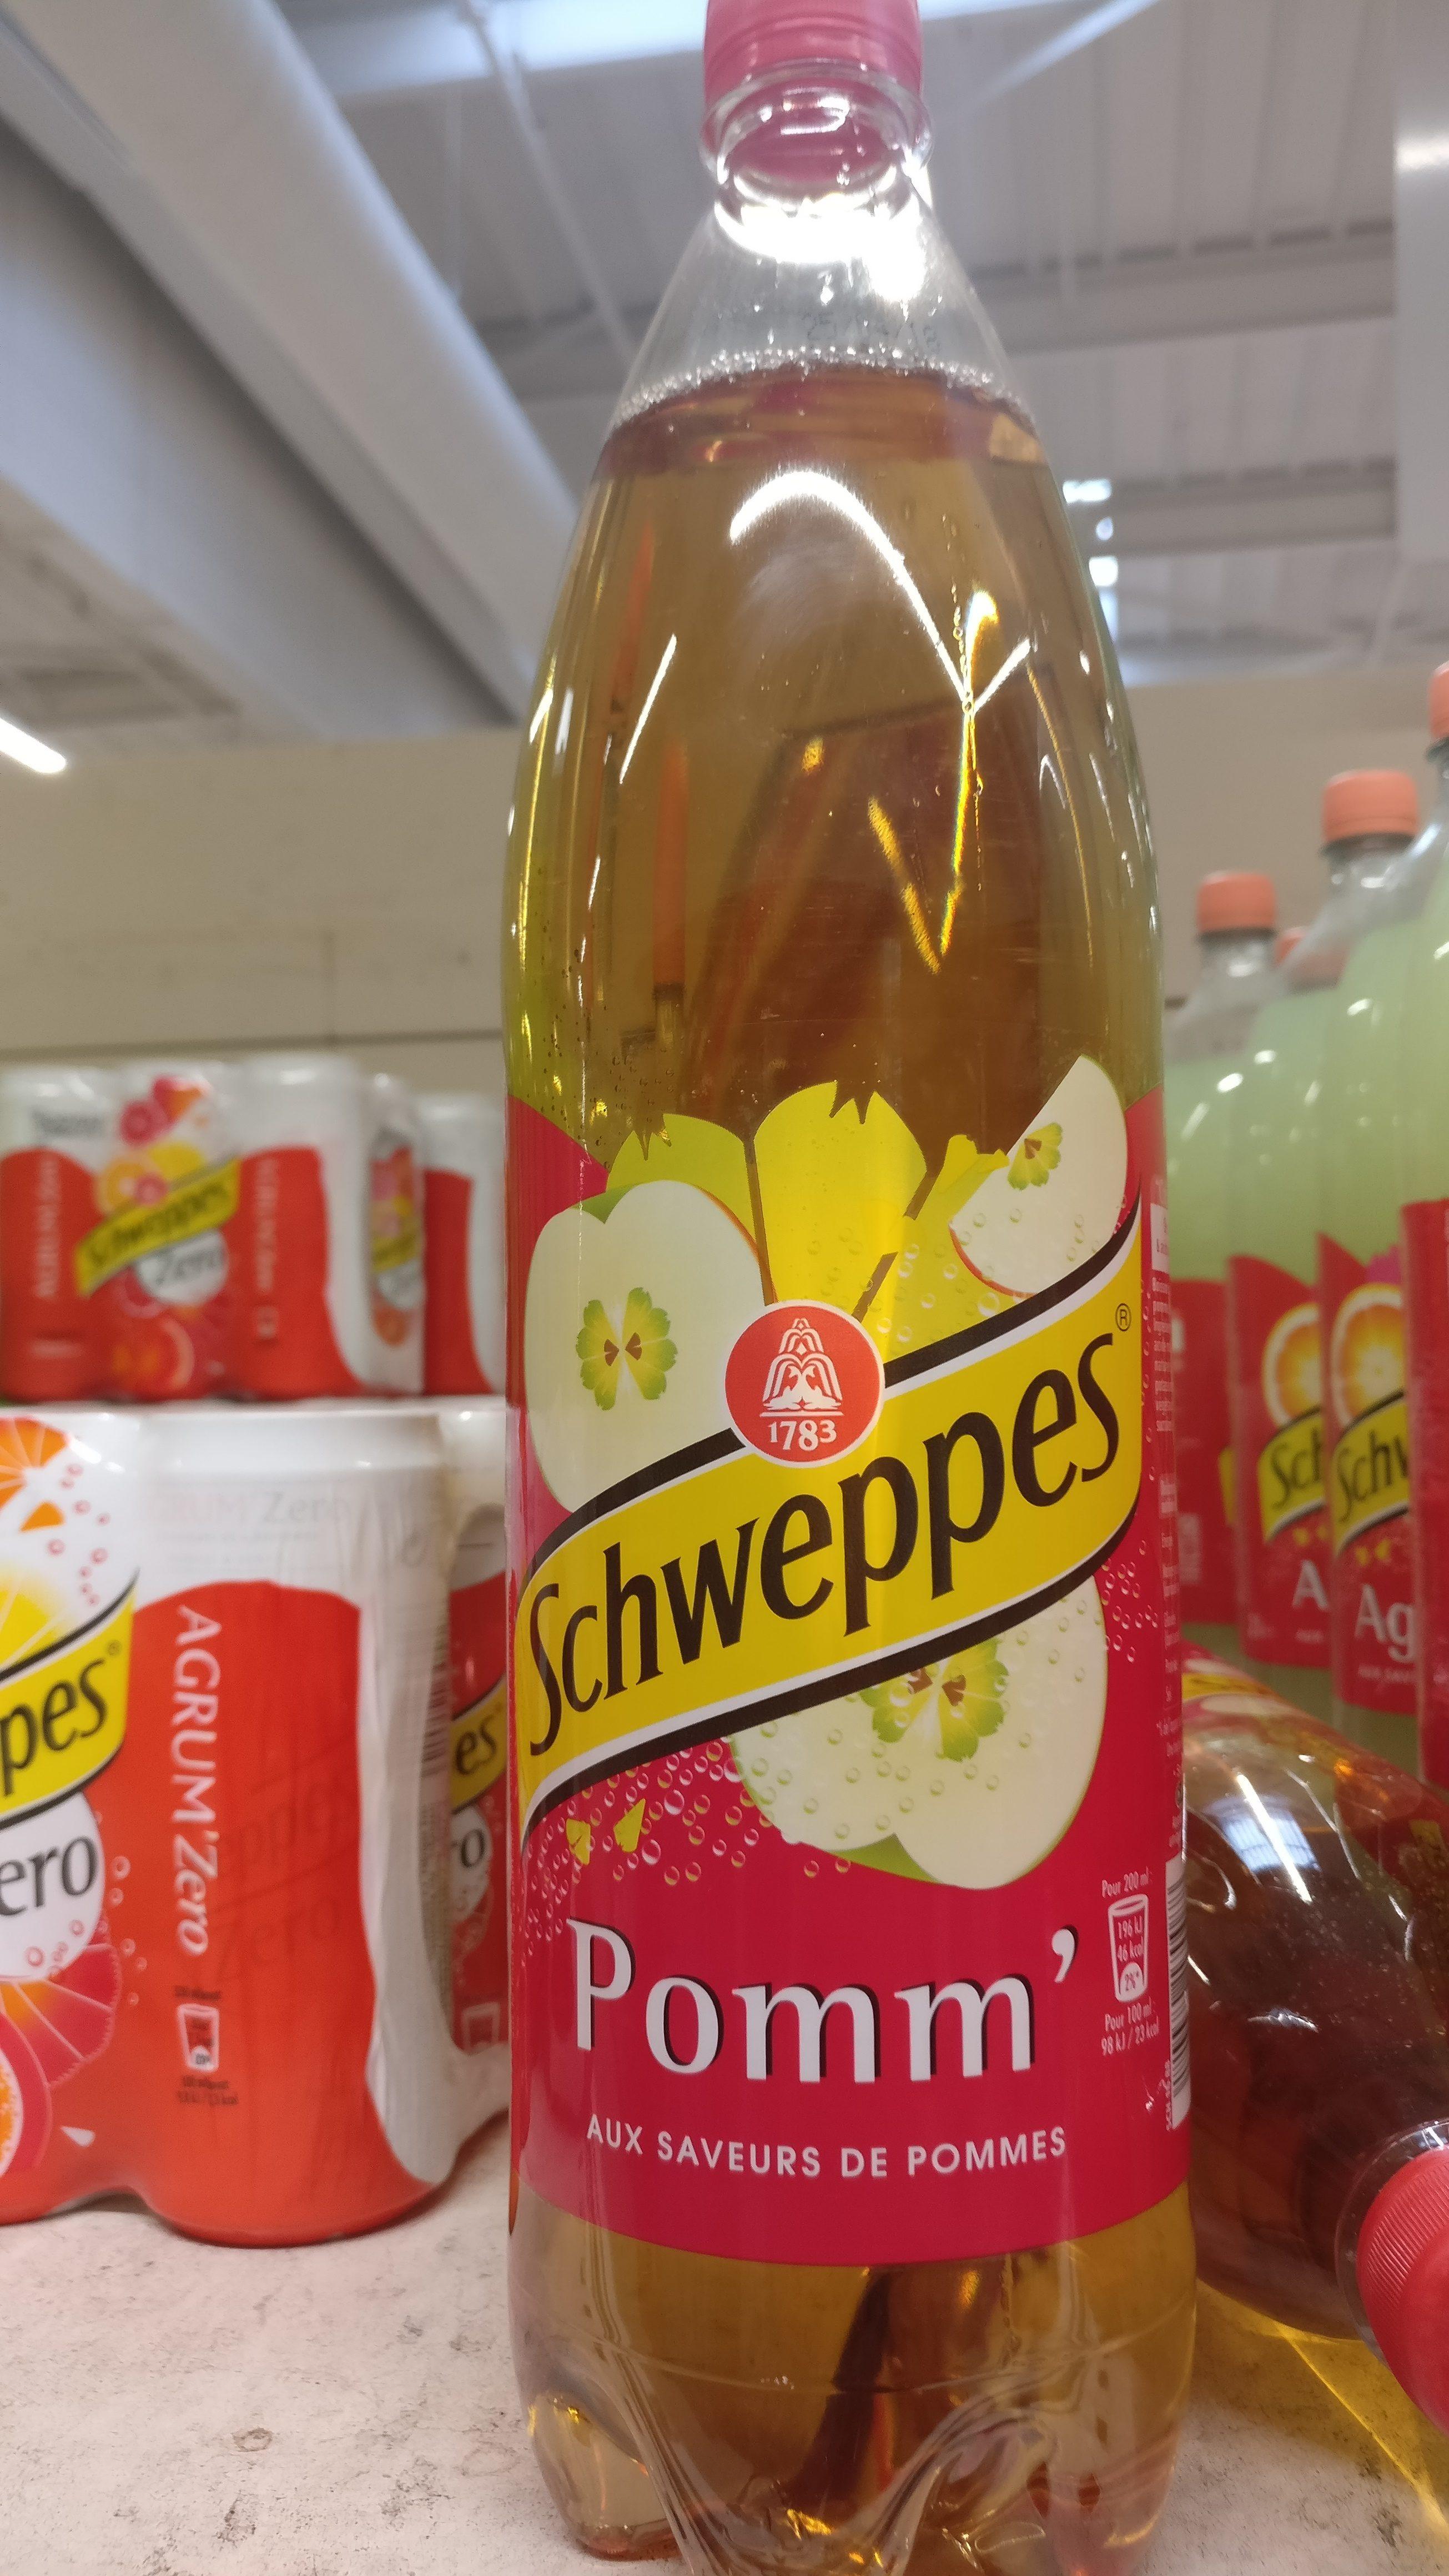 Schweppes Pomm', aux saveurs de  pommes - Product - fr